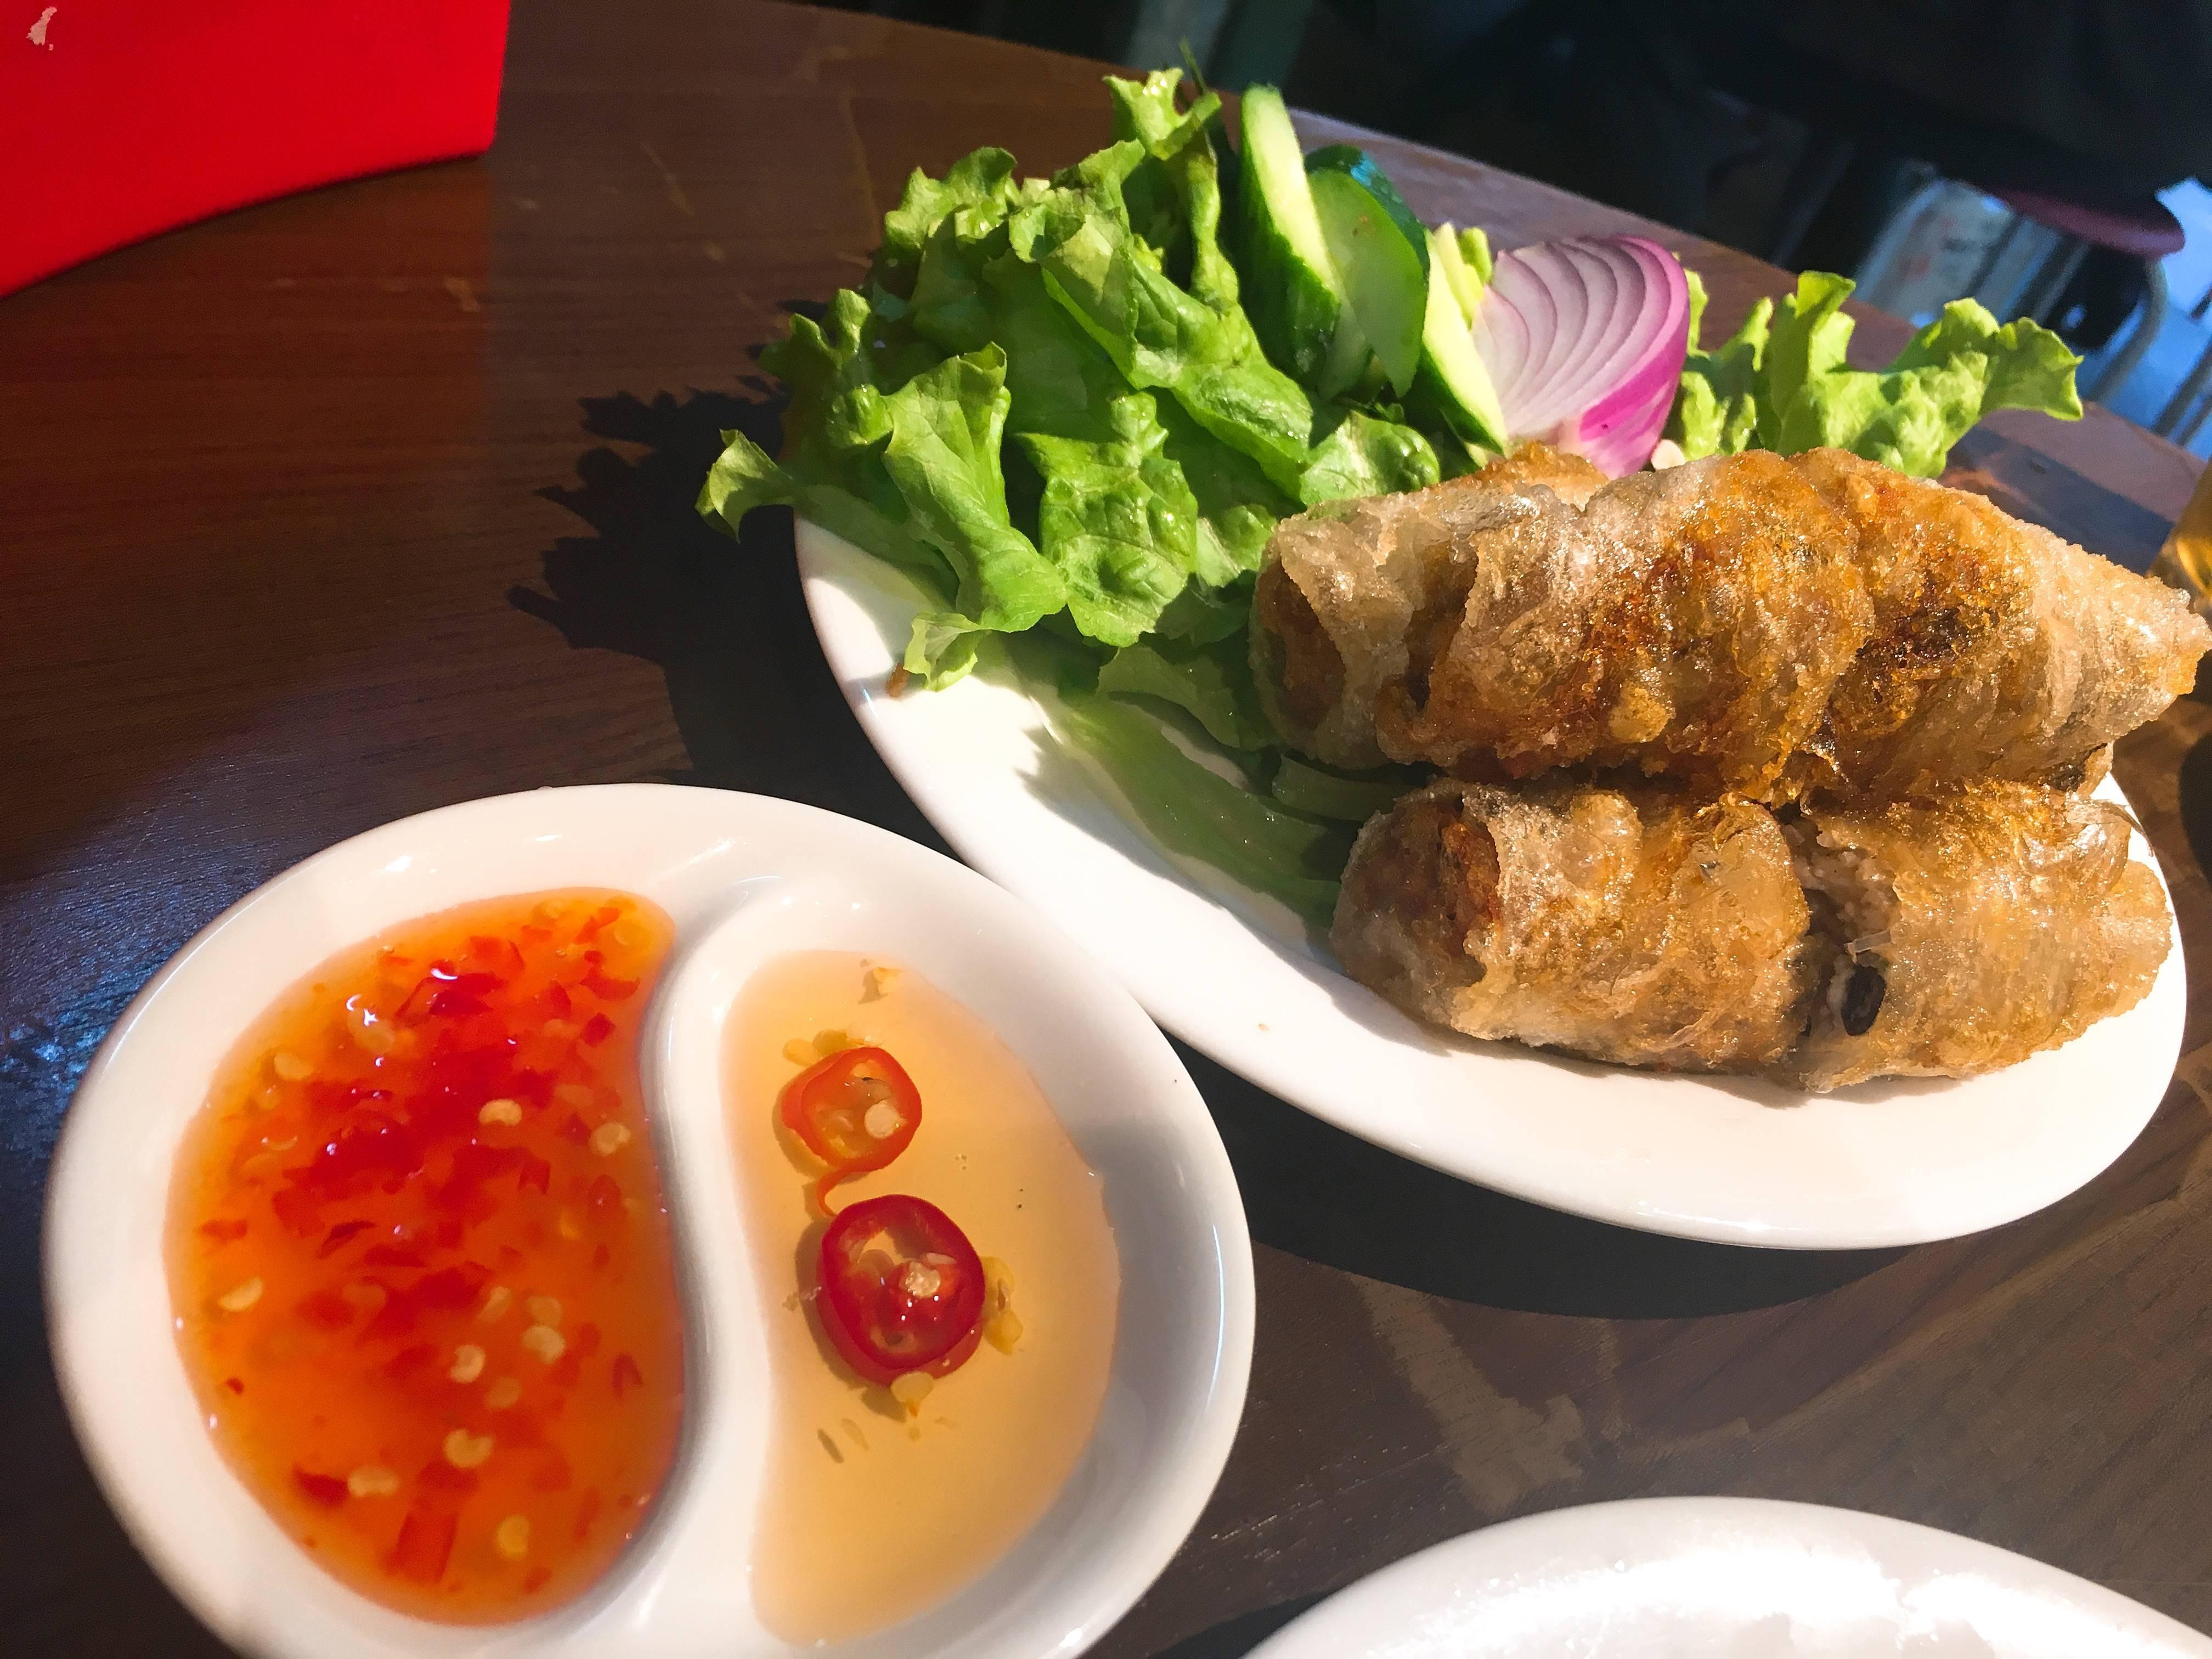 原宿にいながら本格タイ料理を味わえるお店《チャオバンブー》_1_2